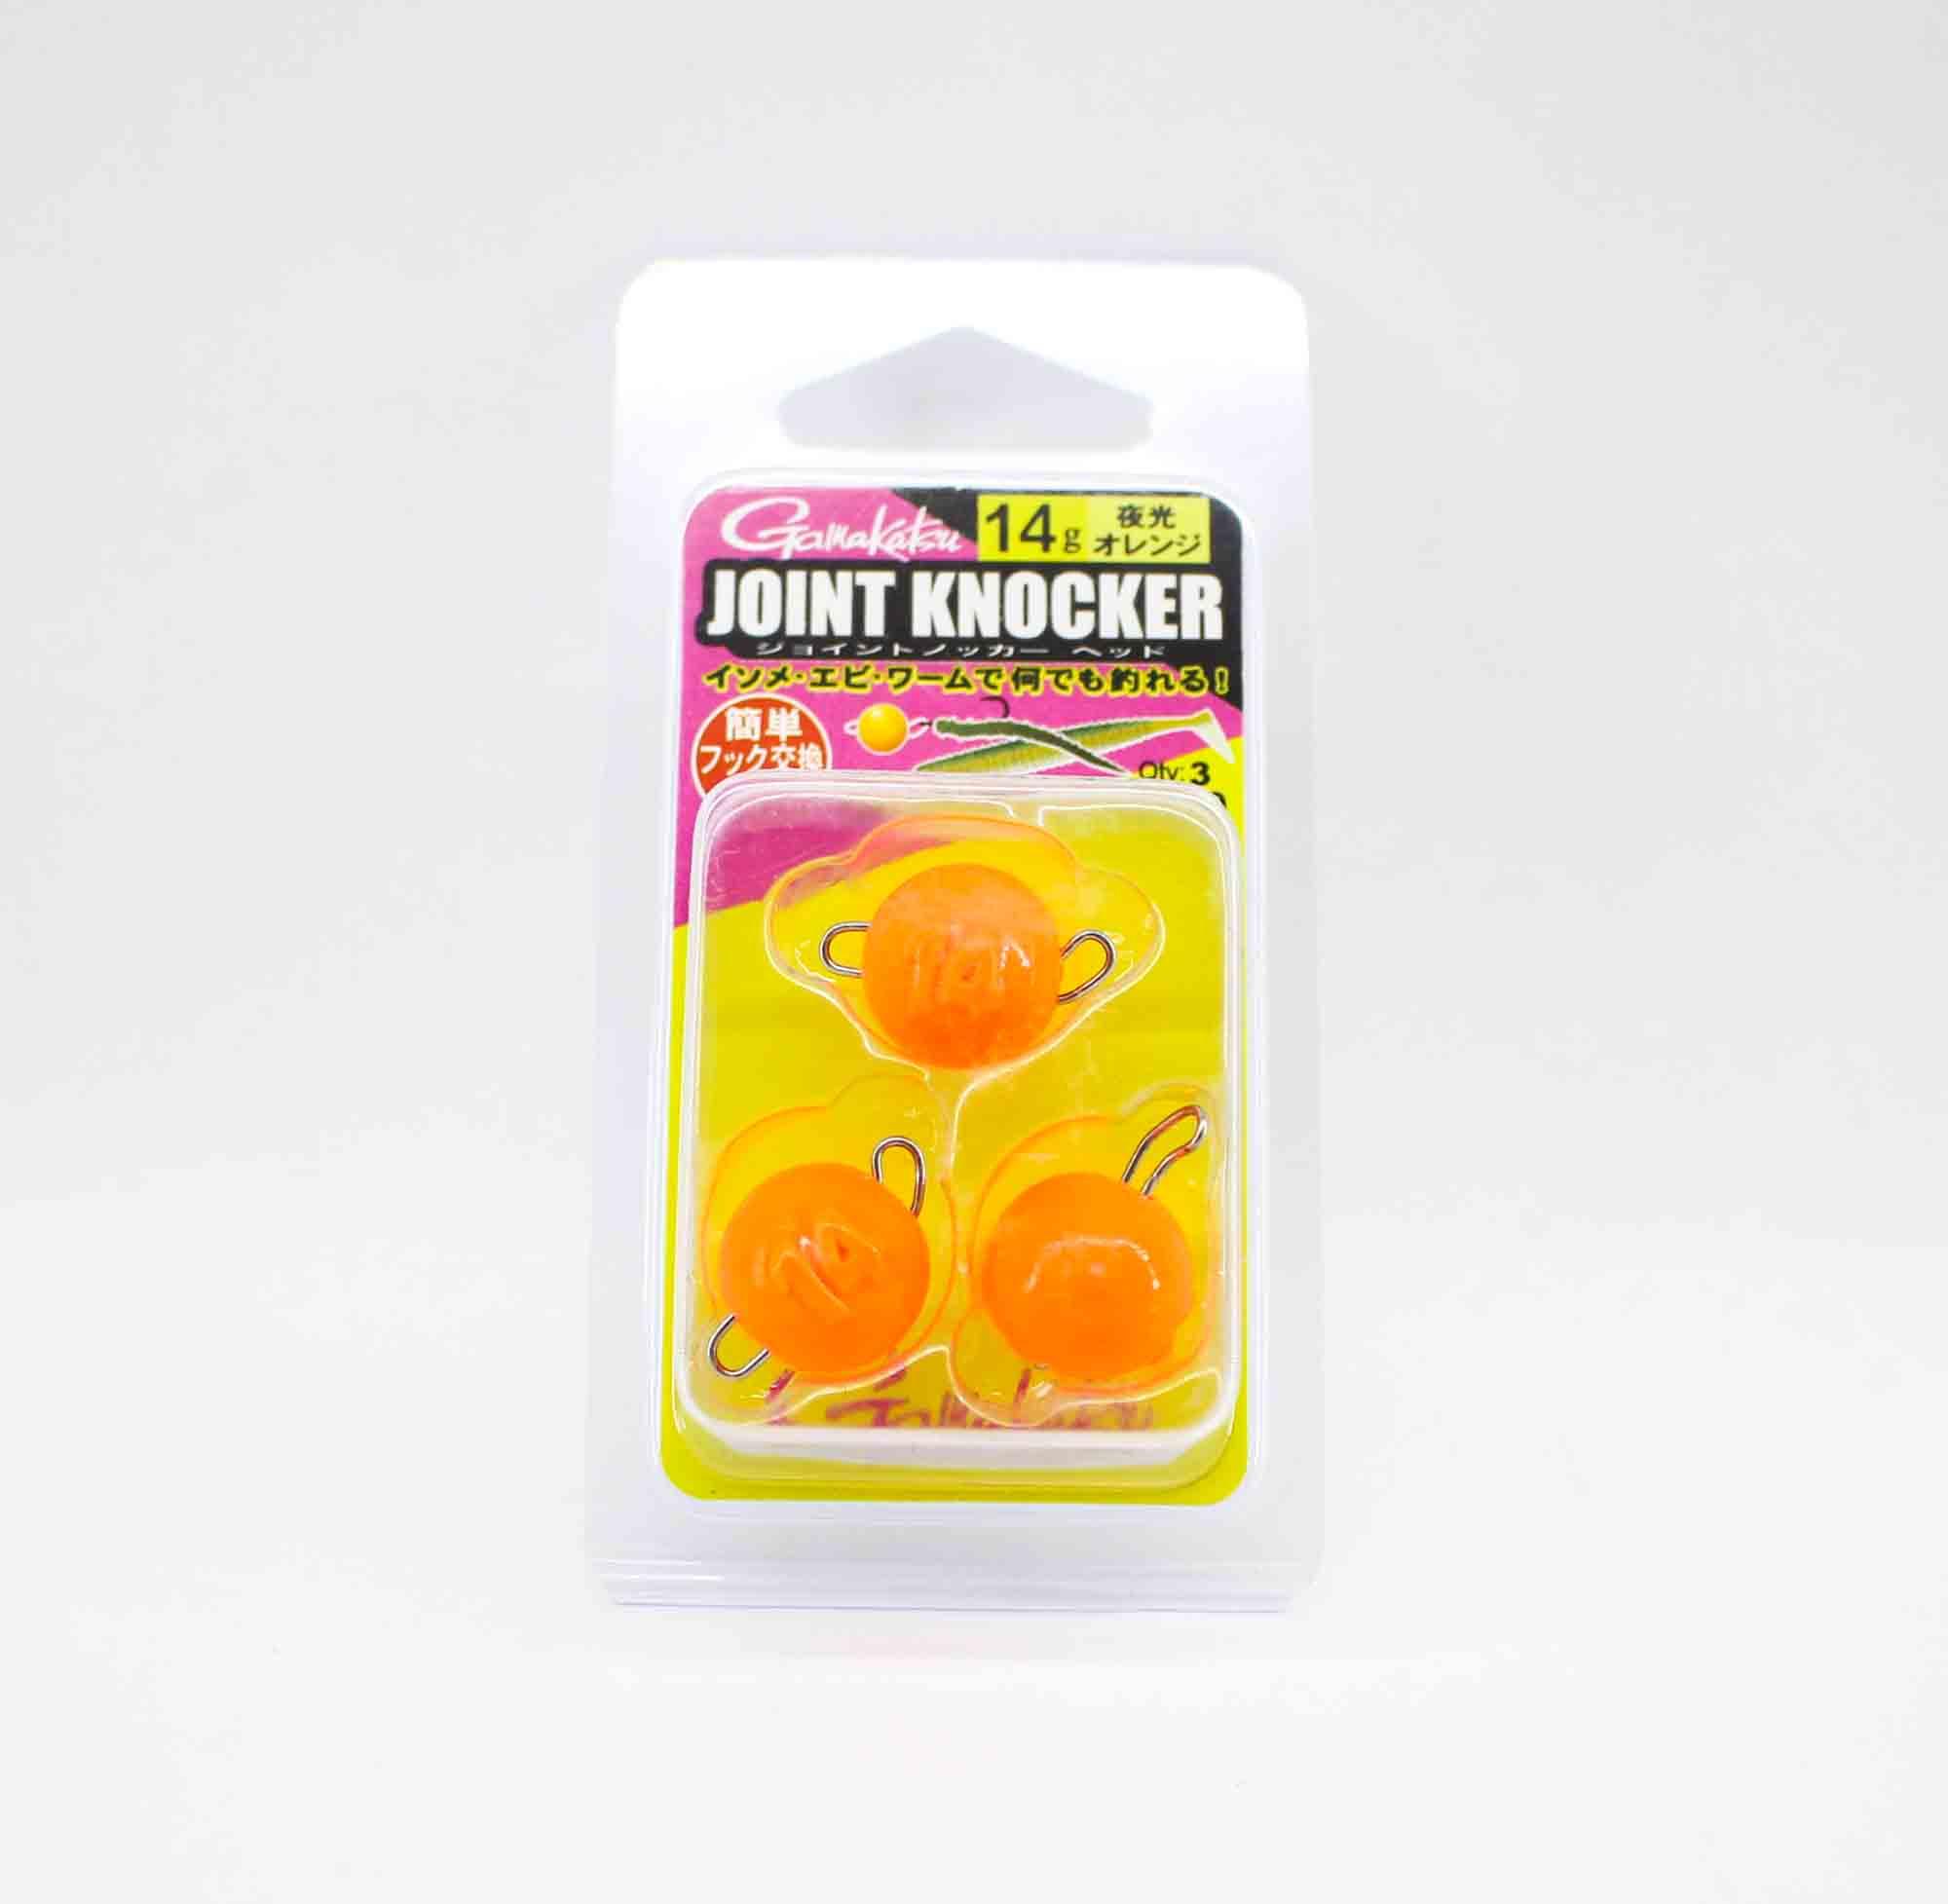 Gamakatsu 19256 Joint Knocker Jig Head 14 grams , 3 per pack (2652)